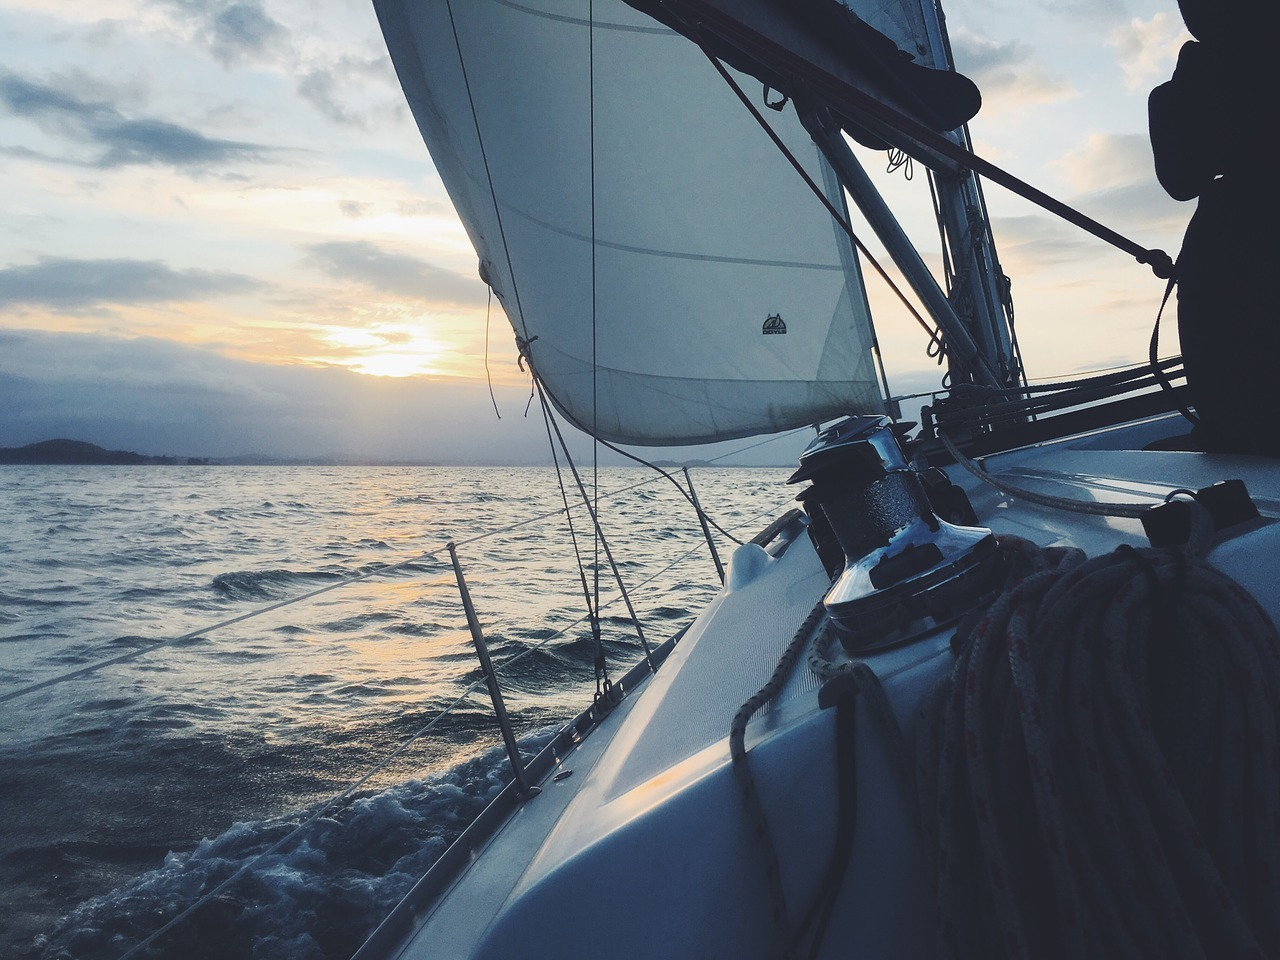 Bli en bättre seglare genom fysträning